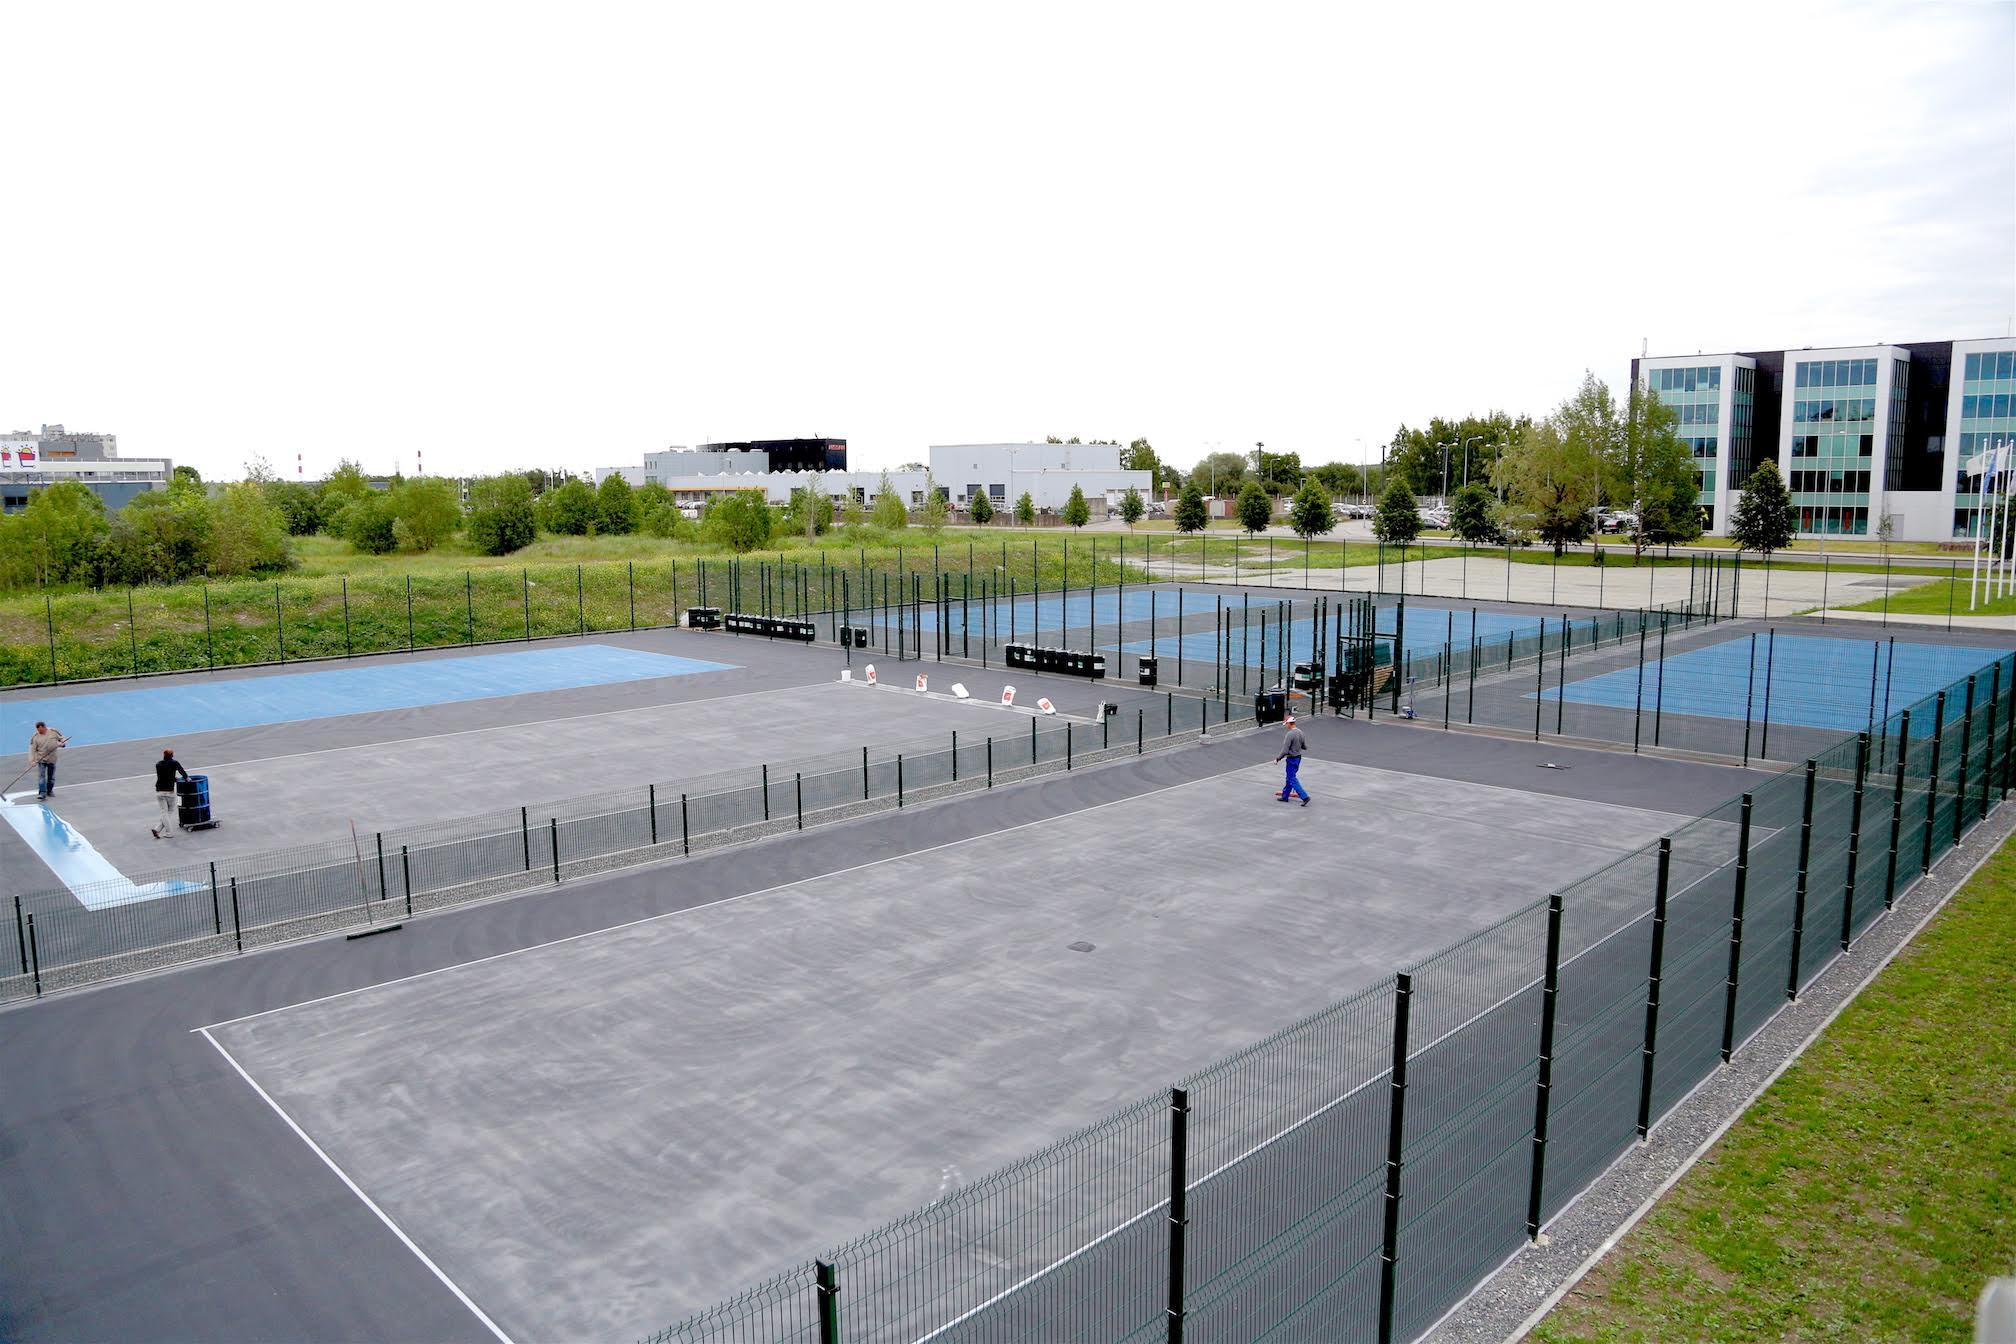 FOTOD! Tallink Tennisekeskuses valmivad uued tennise väliväljakud